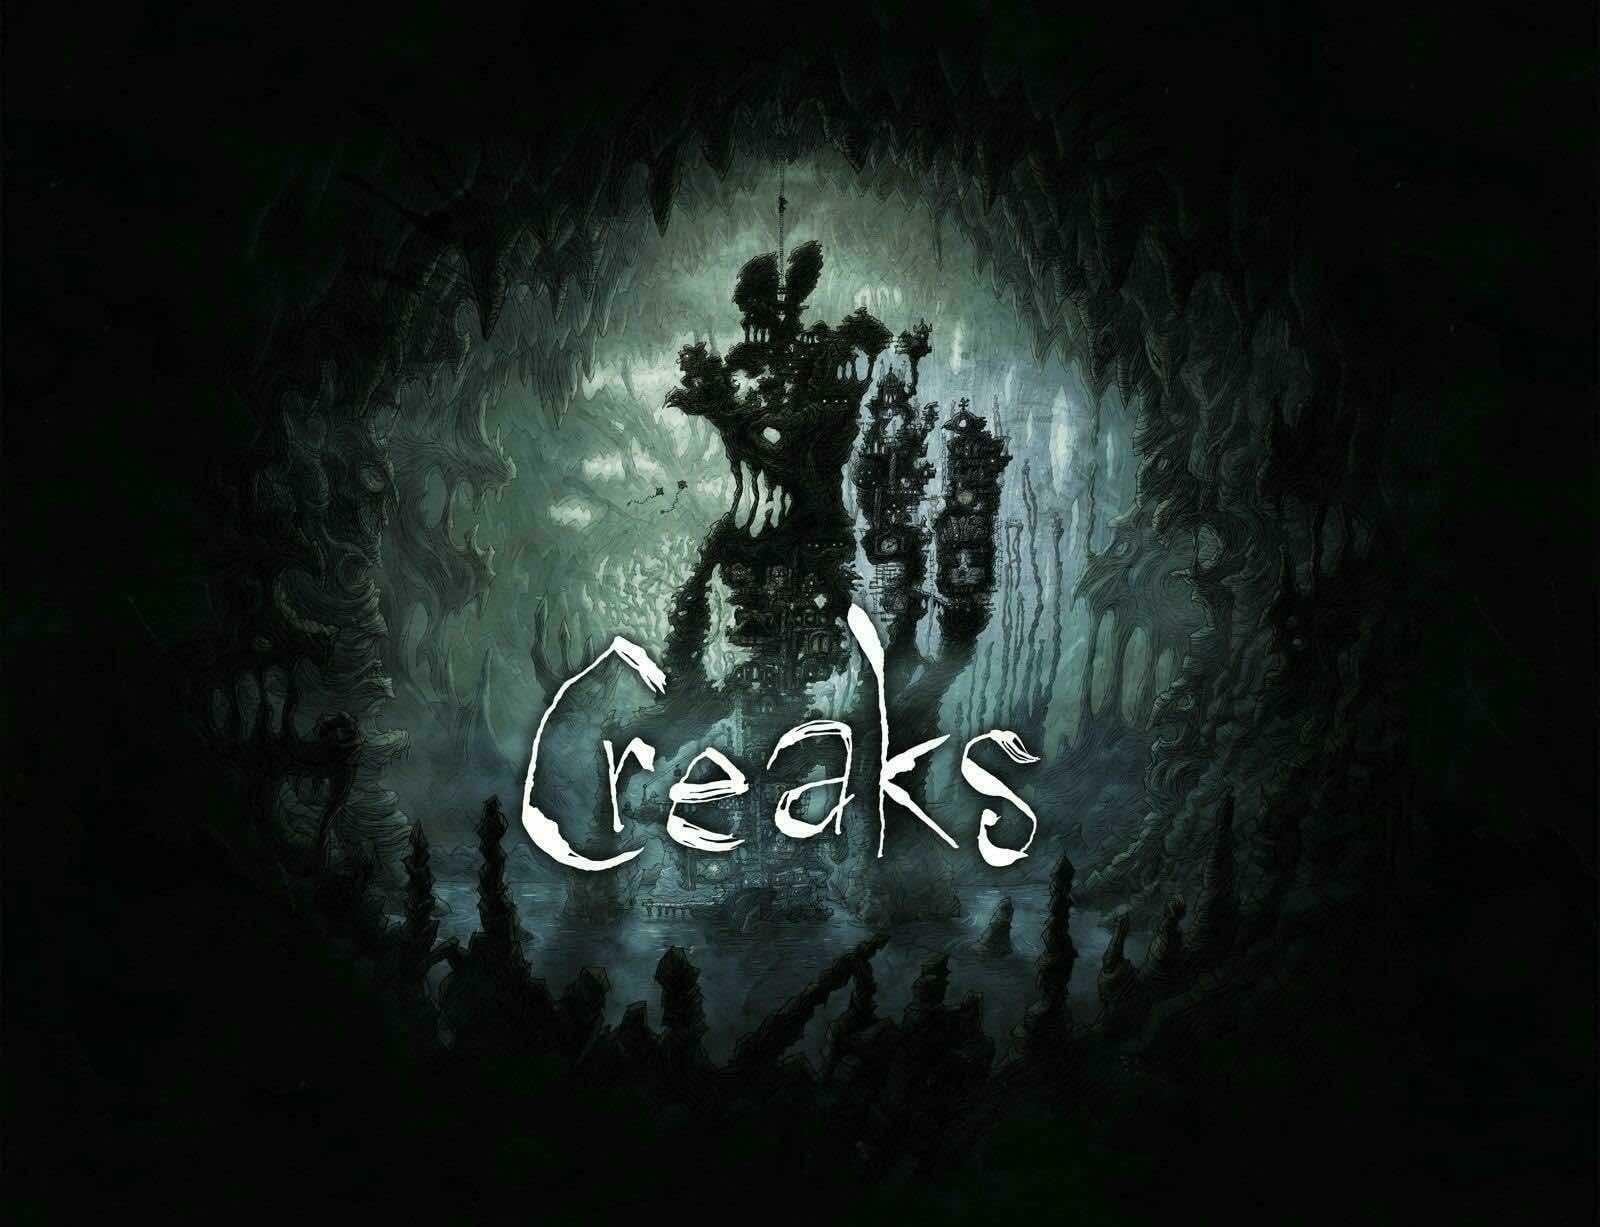 Creaks castle